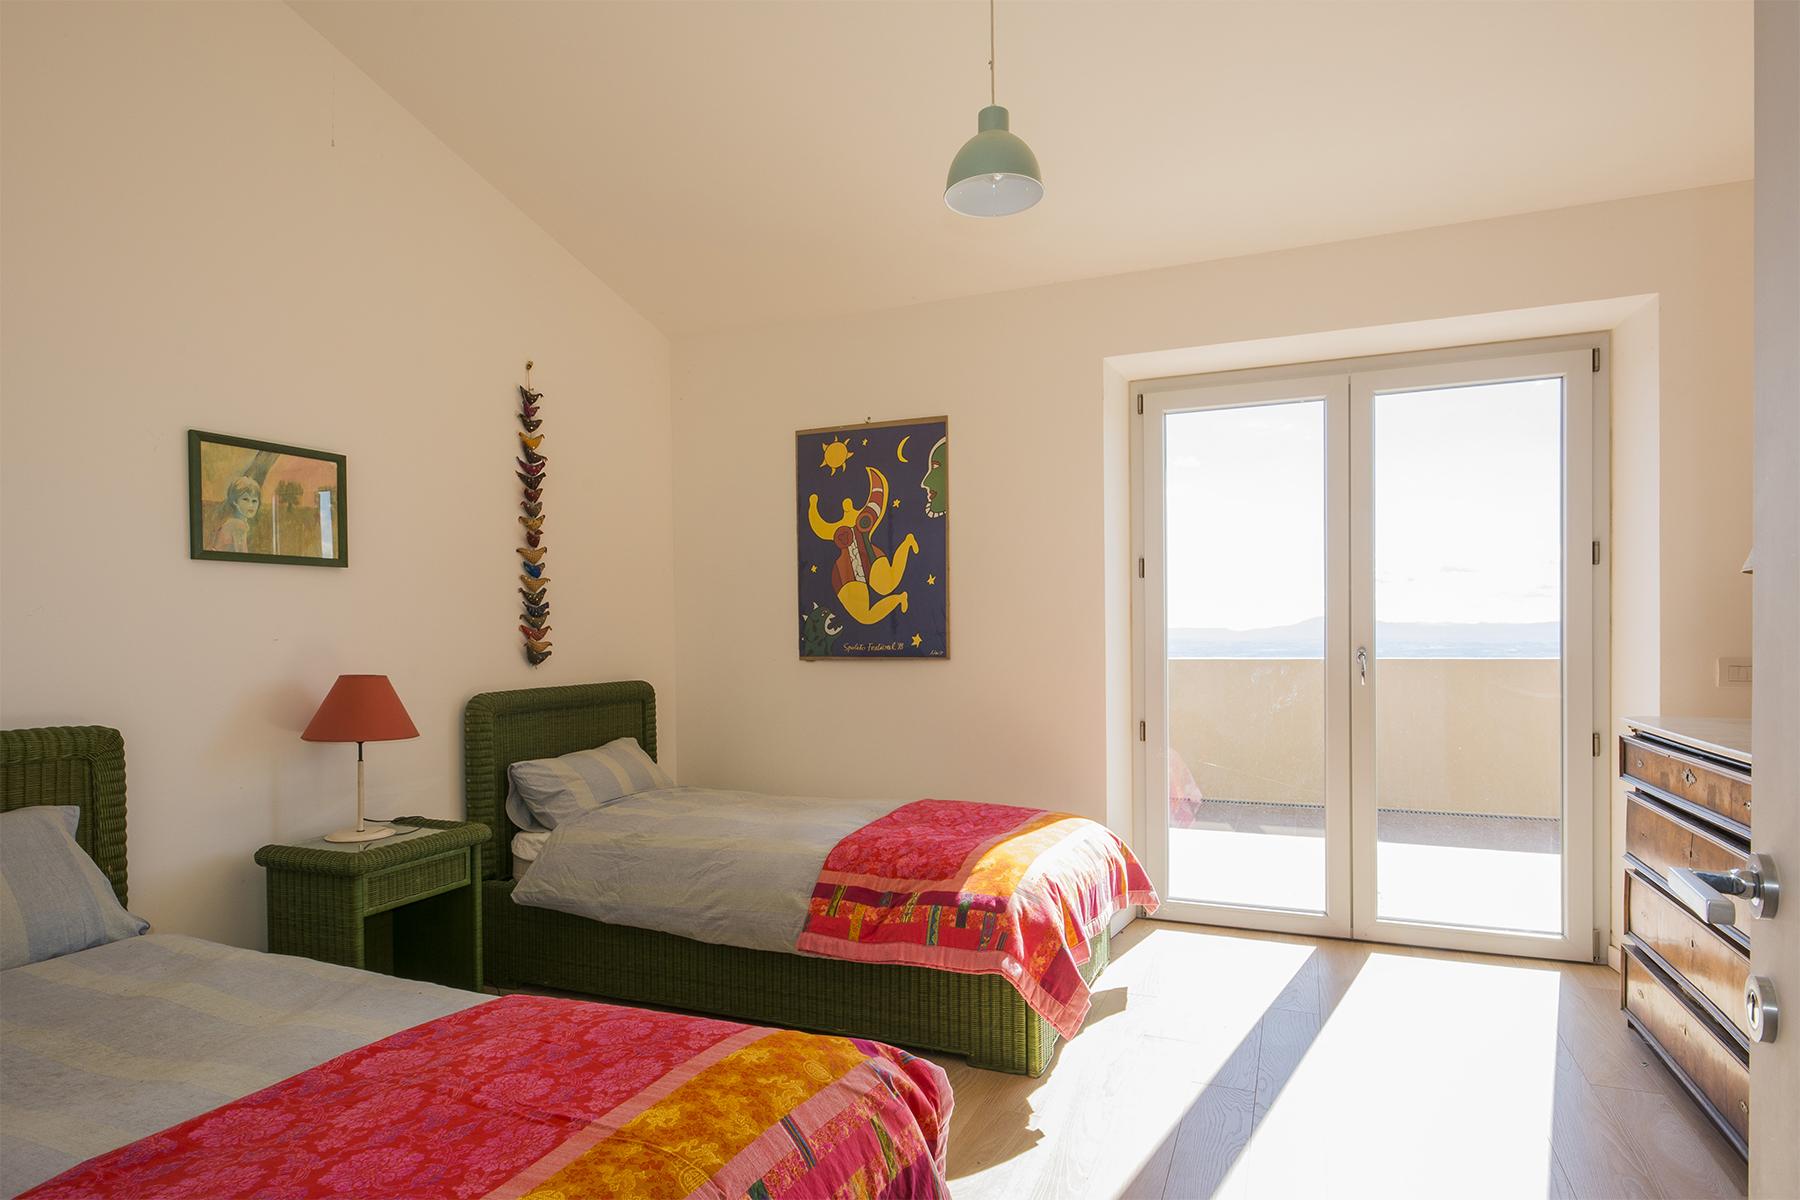 Casa indipendente in Vendita a Lisciano Niccone: 5 locali, 414 mq - Foto 3